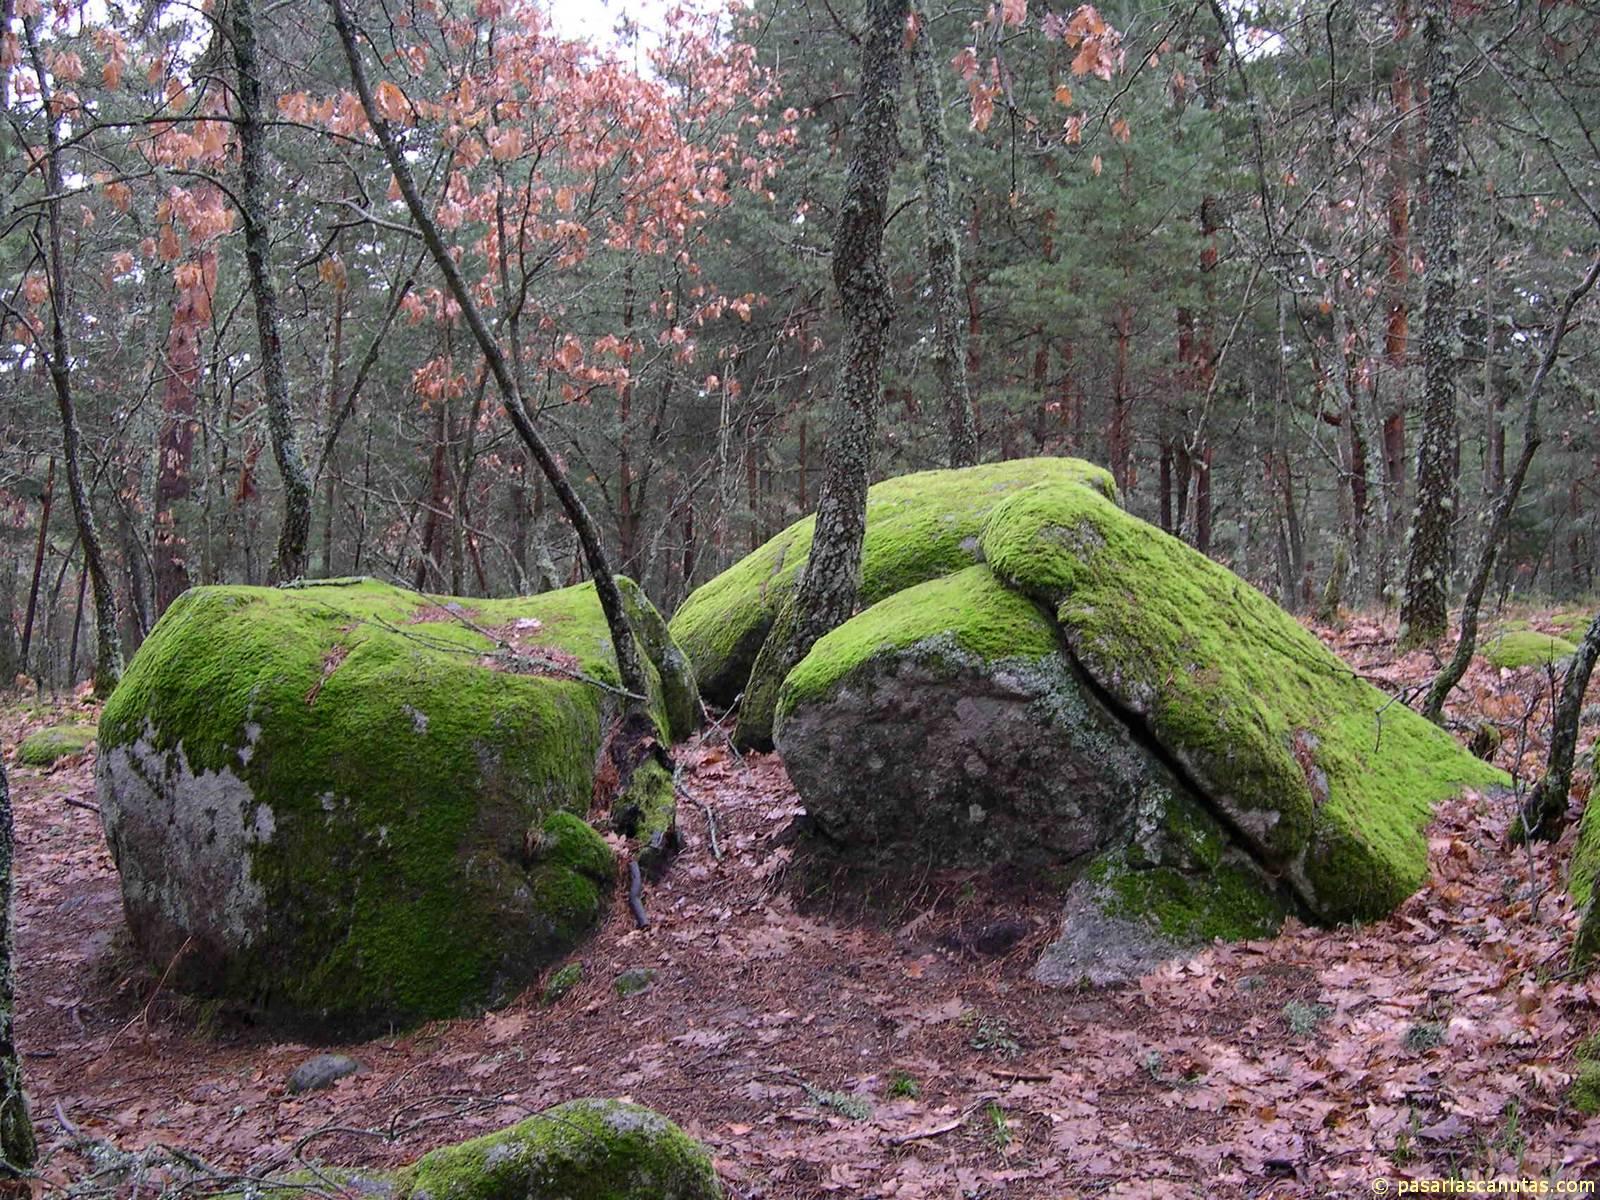 rocas_con_musgo_1600X1200